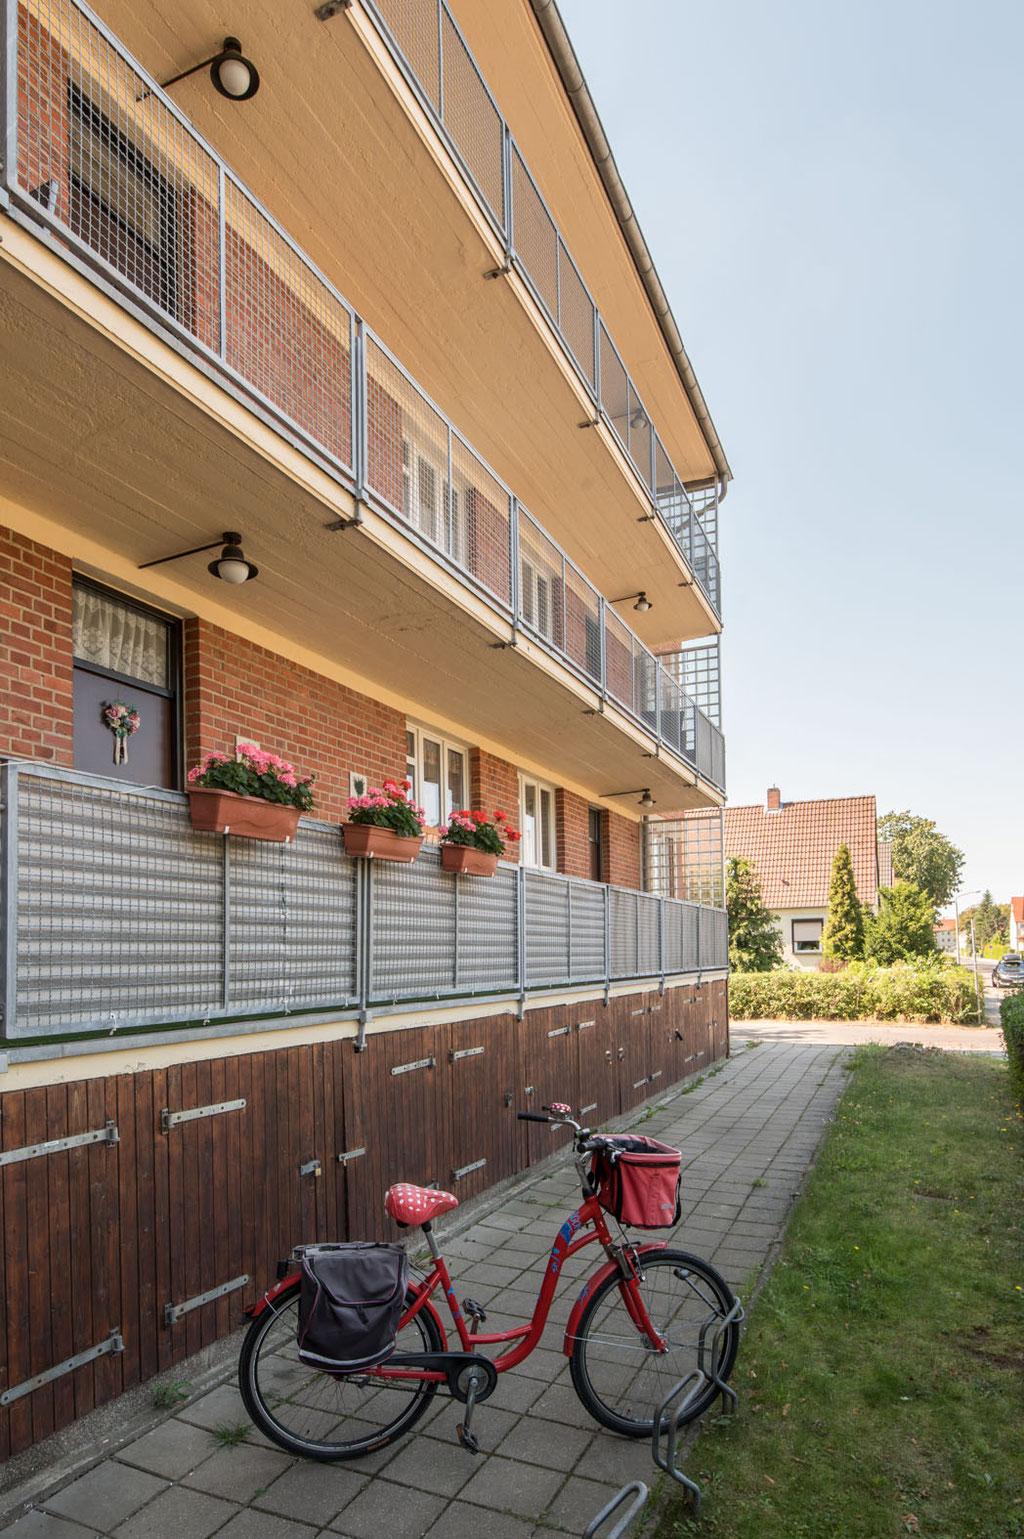 Laubenganghäuser (Bauabteilung des Bauhauses, Leitung Hannes Meyer), Siedlung Törten, Dessau (D)